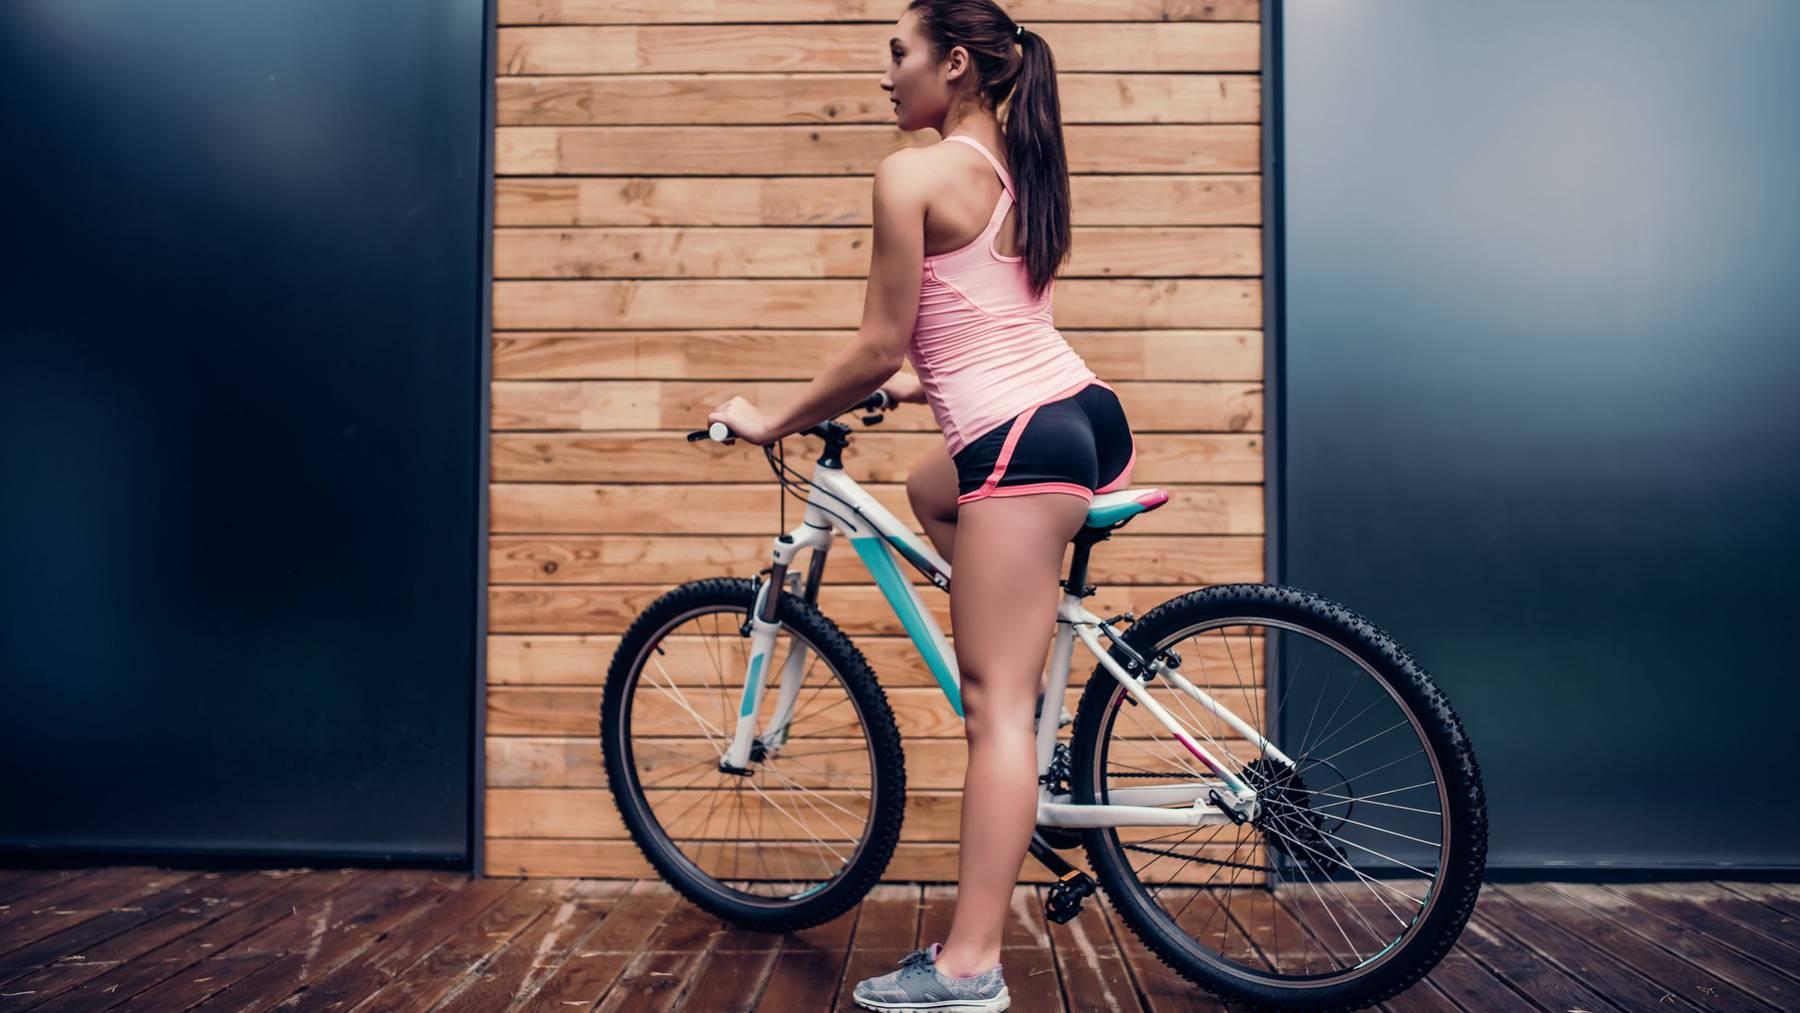 Wofür Radlerhosen eigentlich gedacht wären: fürs Velofahren. Kim sieht's anders.